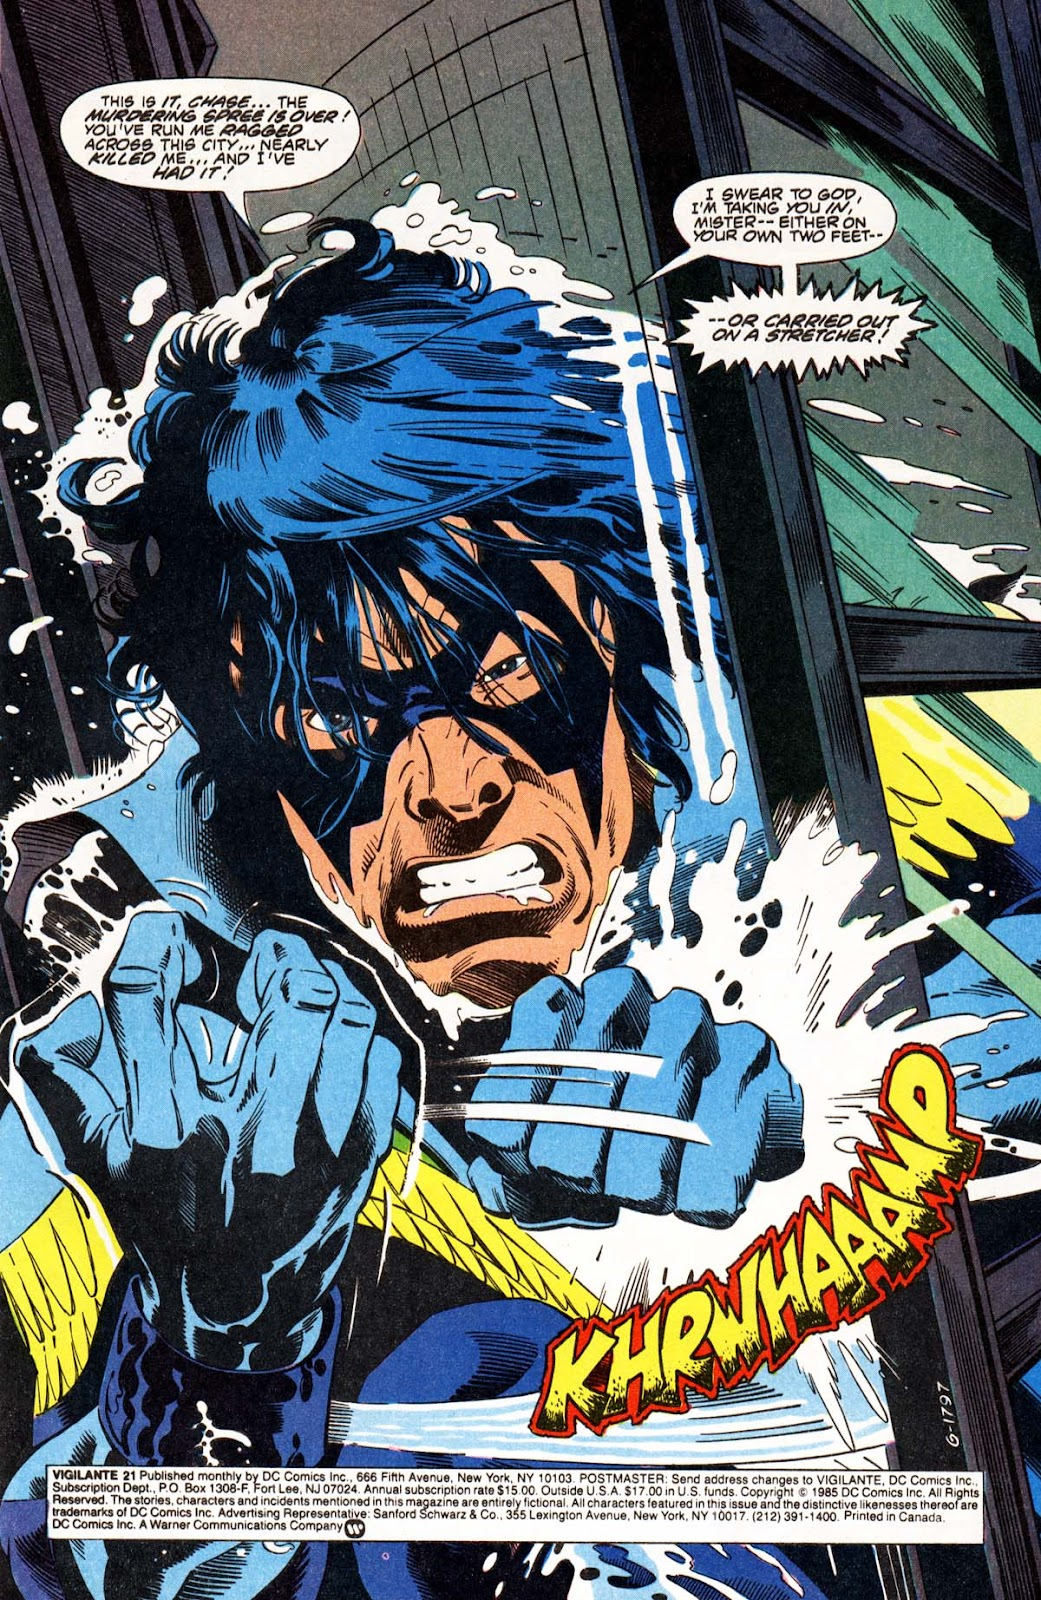 Vigilante (1983) issue 21 - Page 2